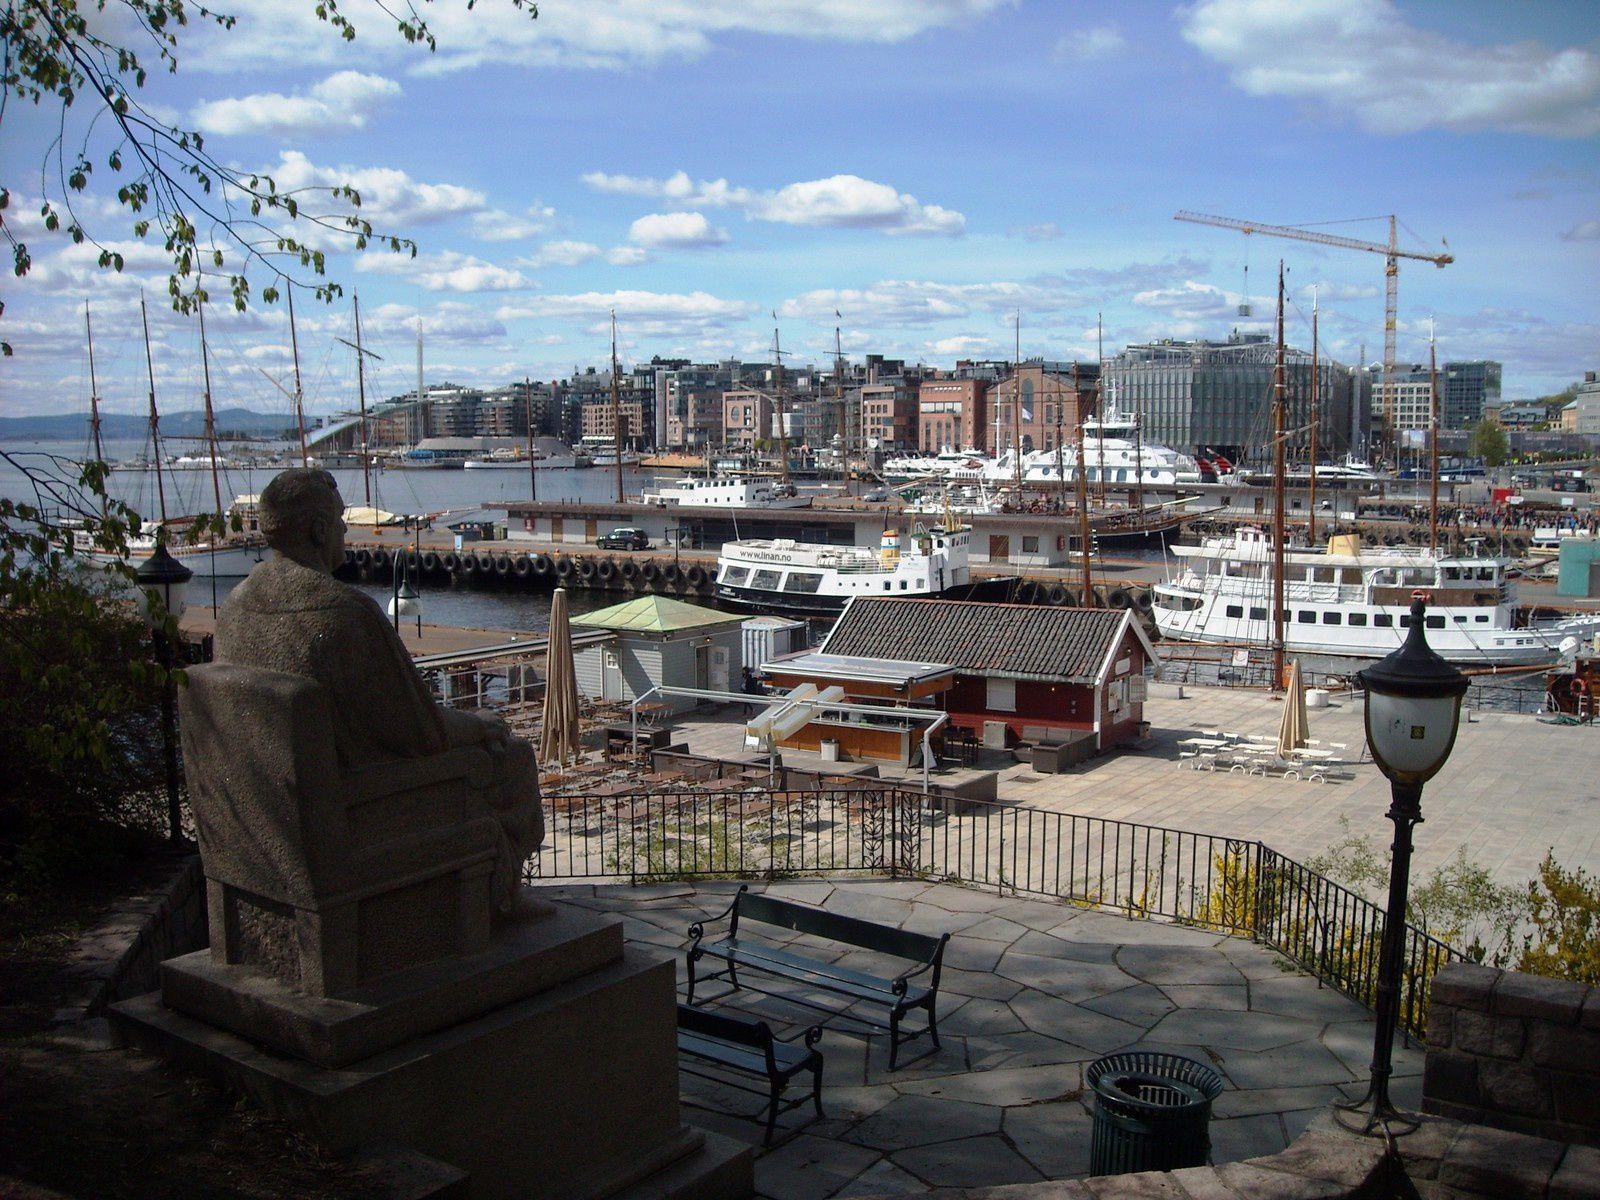 1. La gare d'Oslo   2. Un troll devant une boutique de souvenirs  3. La vue depuis la forteresse  4. et 5. La forteresse   6. La vue sur le port   7. Le musée des bâteaux Vikings    8.  Le parc autour du palais   9. Le palais royal   10. et 11. Le centre ville